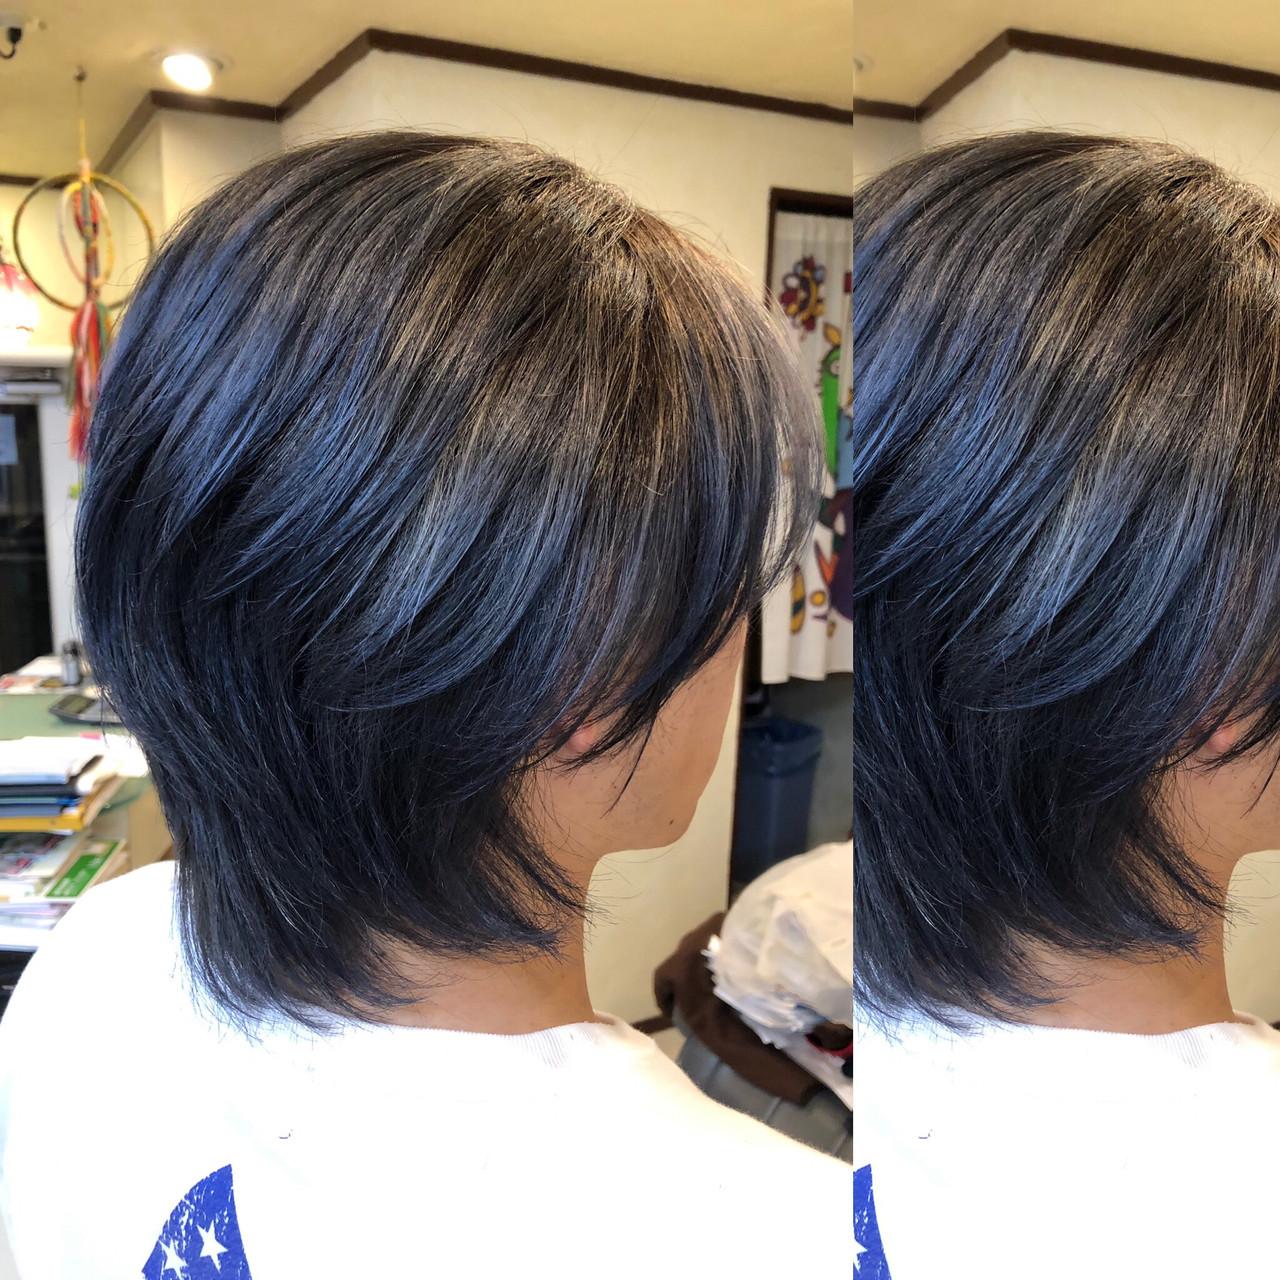 メンズヘア メンズスタイル ストリート ショート ヘアスタイルや髪型の写真・画像